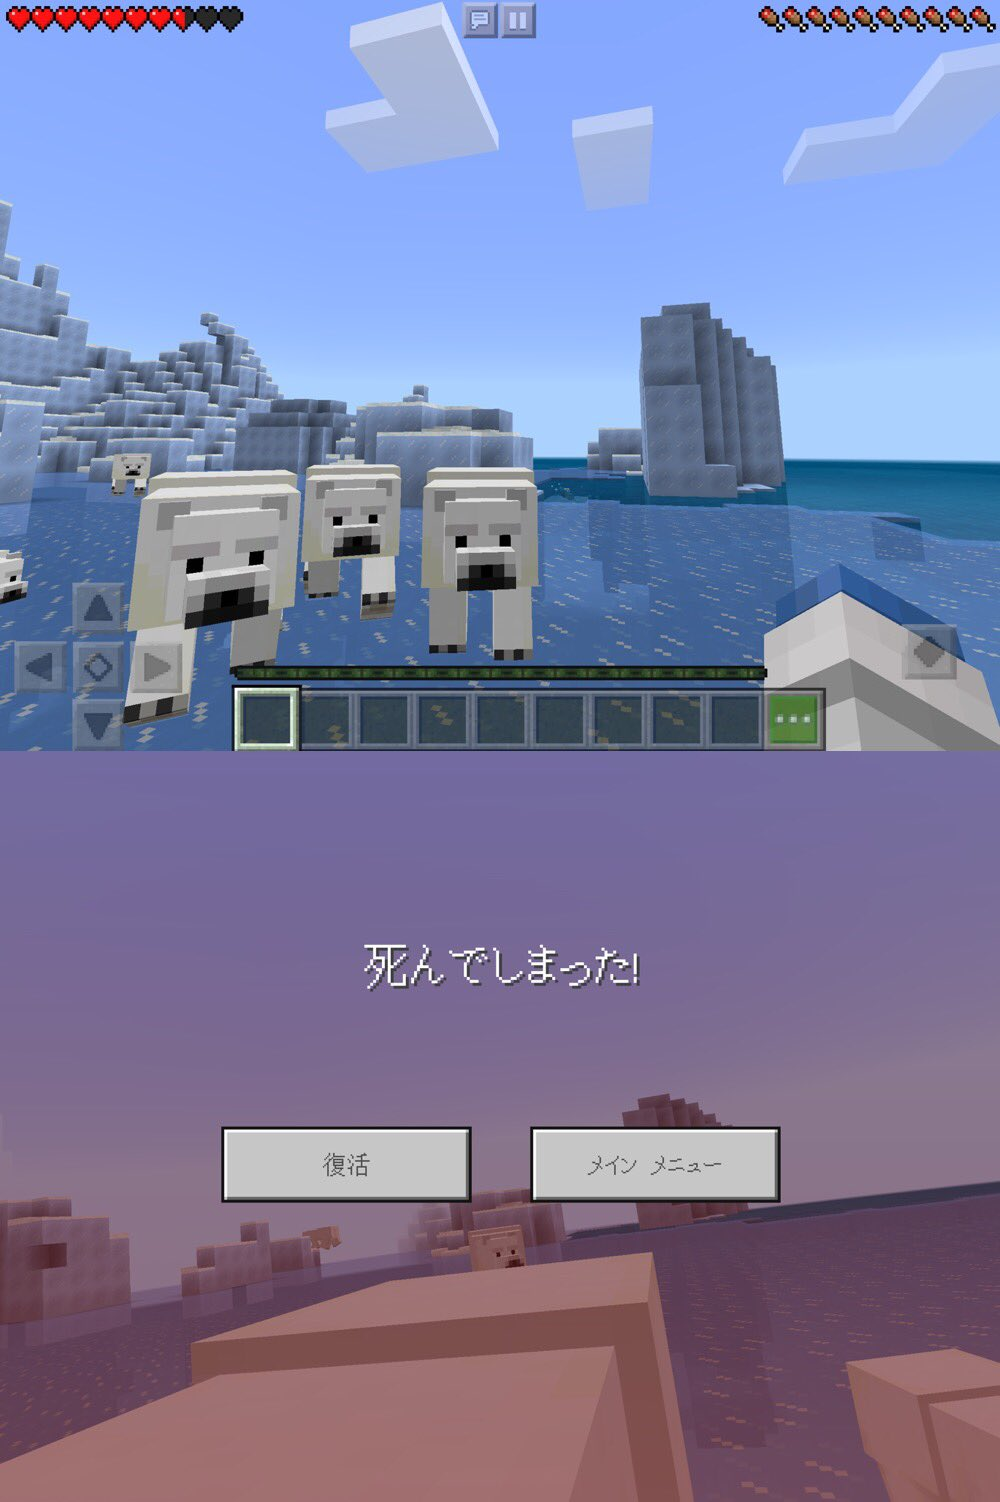 Minecraft でかわいい子グマ ʕ•ᴥ•ʔ をばしばし叩いてたら、ホッキョクグマの群れに追われて死んでしまったでござる(; ̄(工) ̄) https://t.co/UpQUkCyEB8